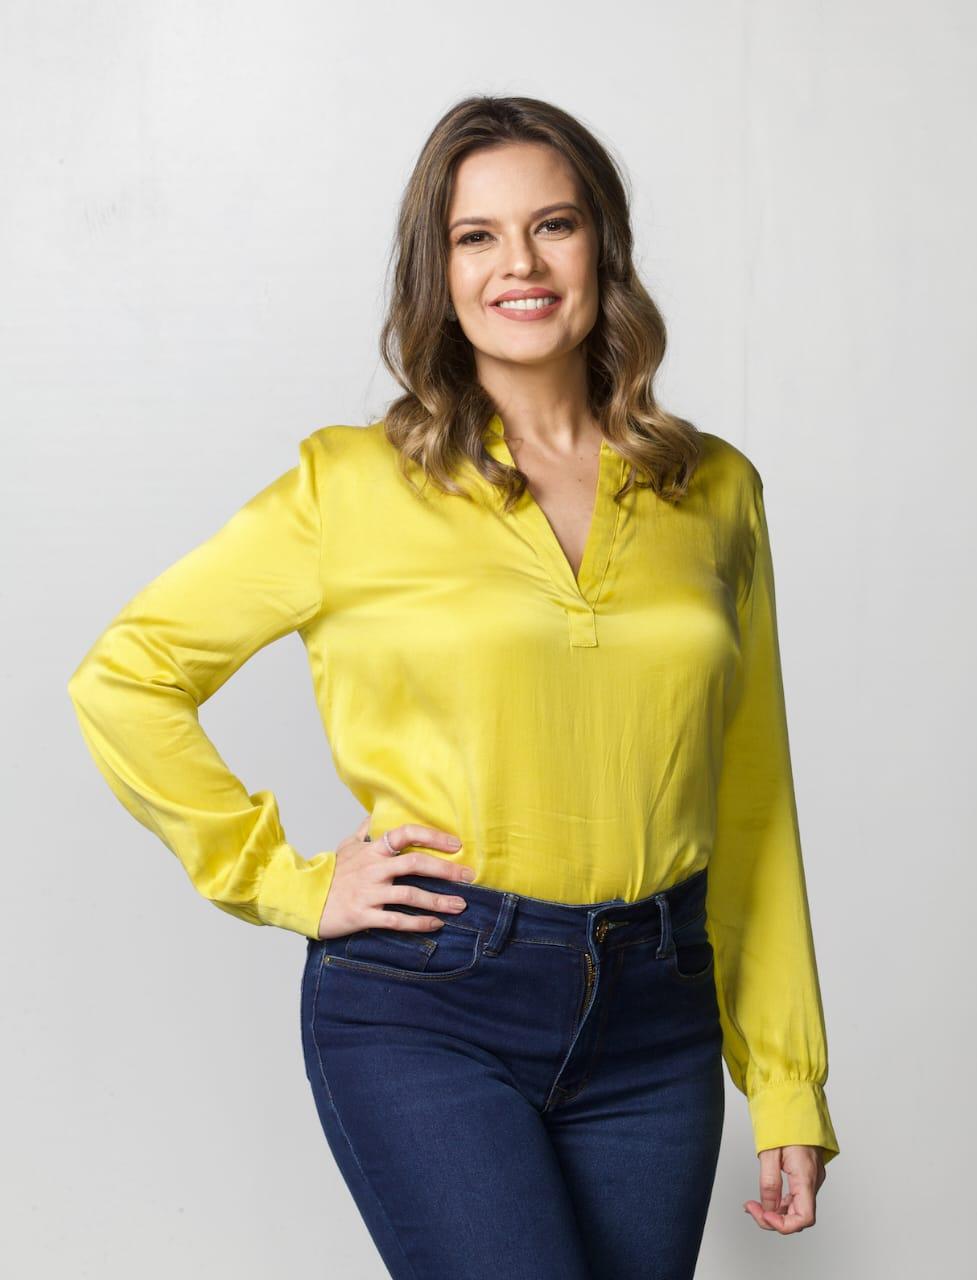 Raquel Nunes